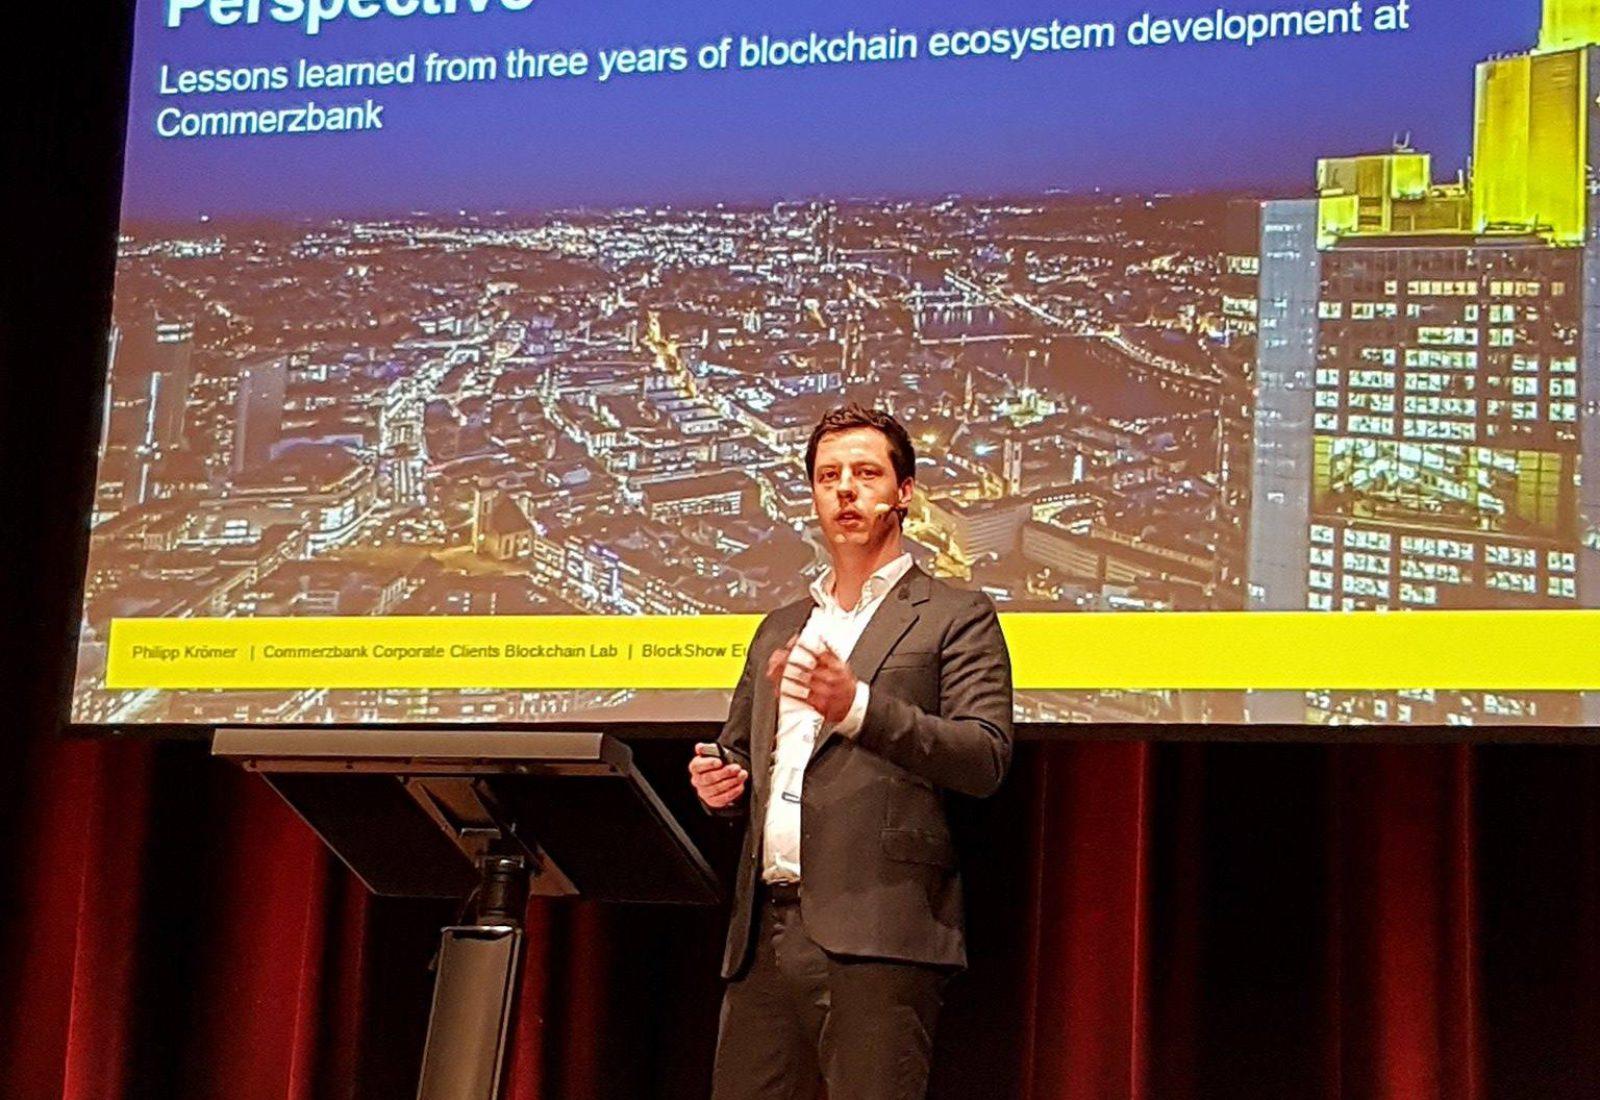 Blokklánc ökoszisztéma a bankok szemszögéből – Phillipp Krömer Commerzbank